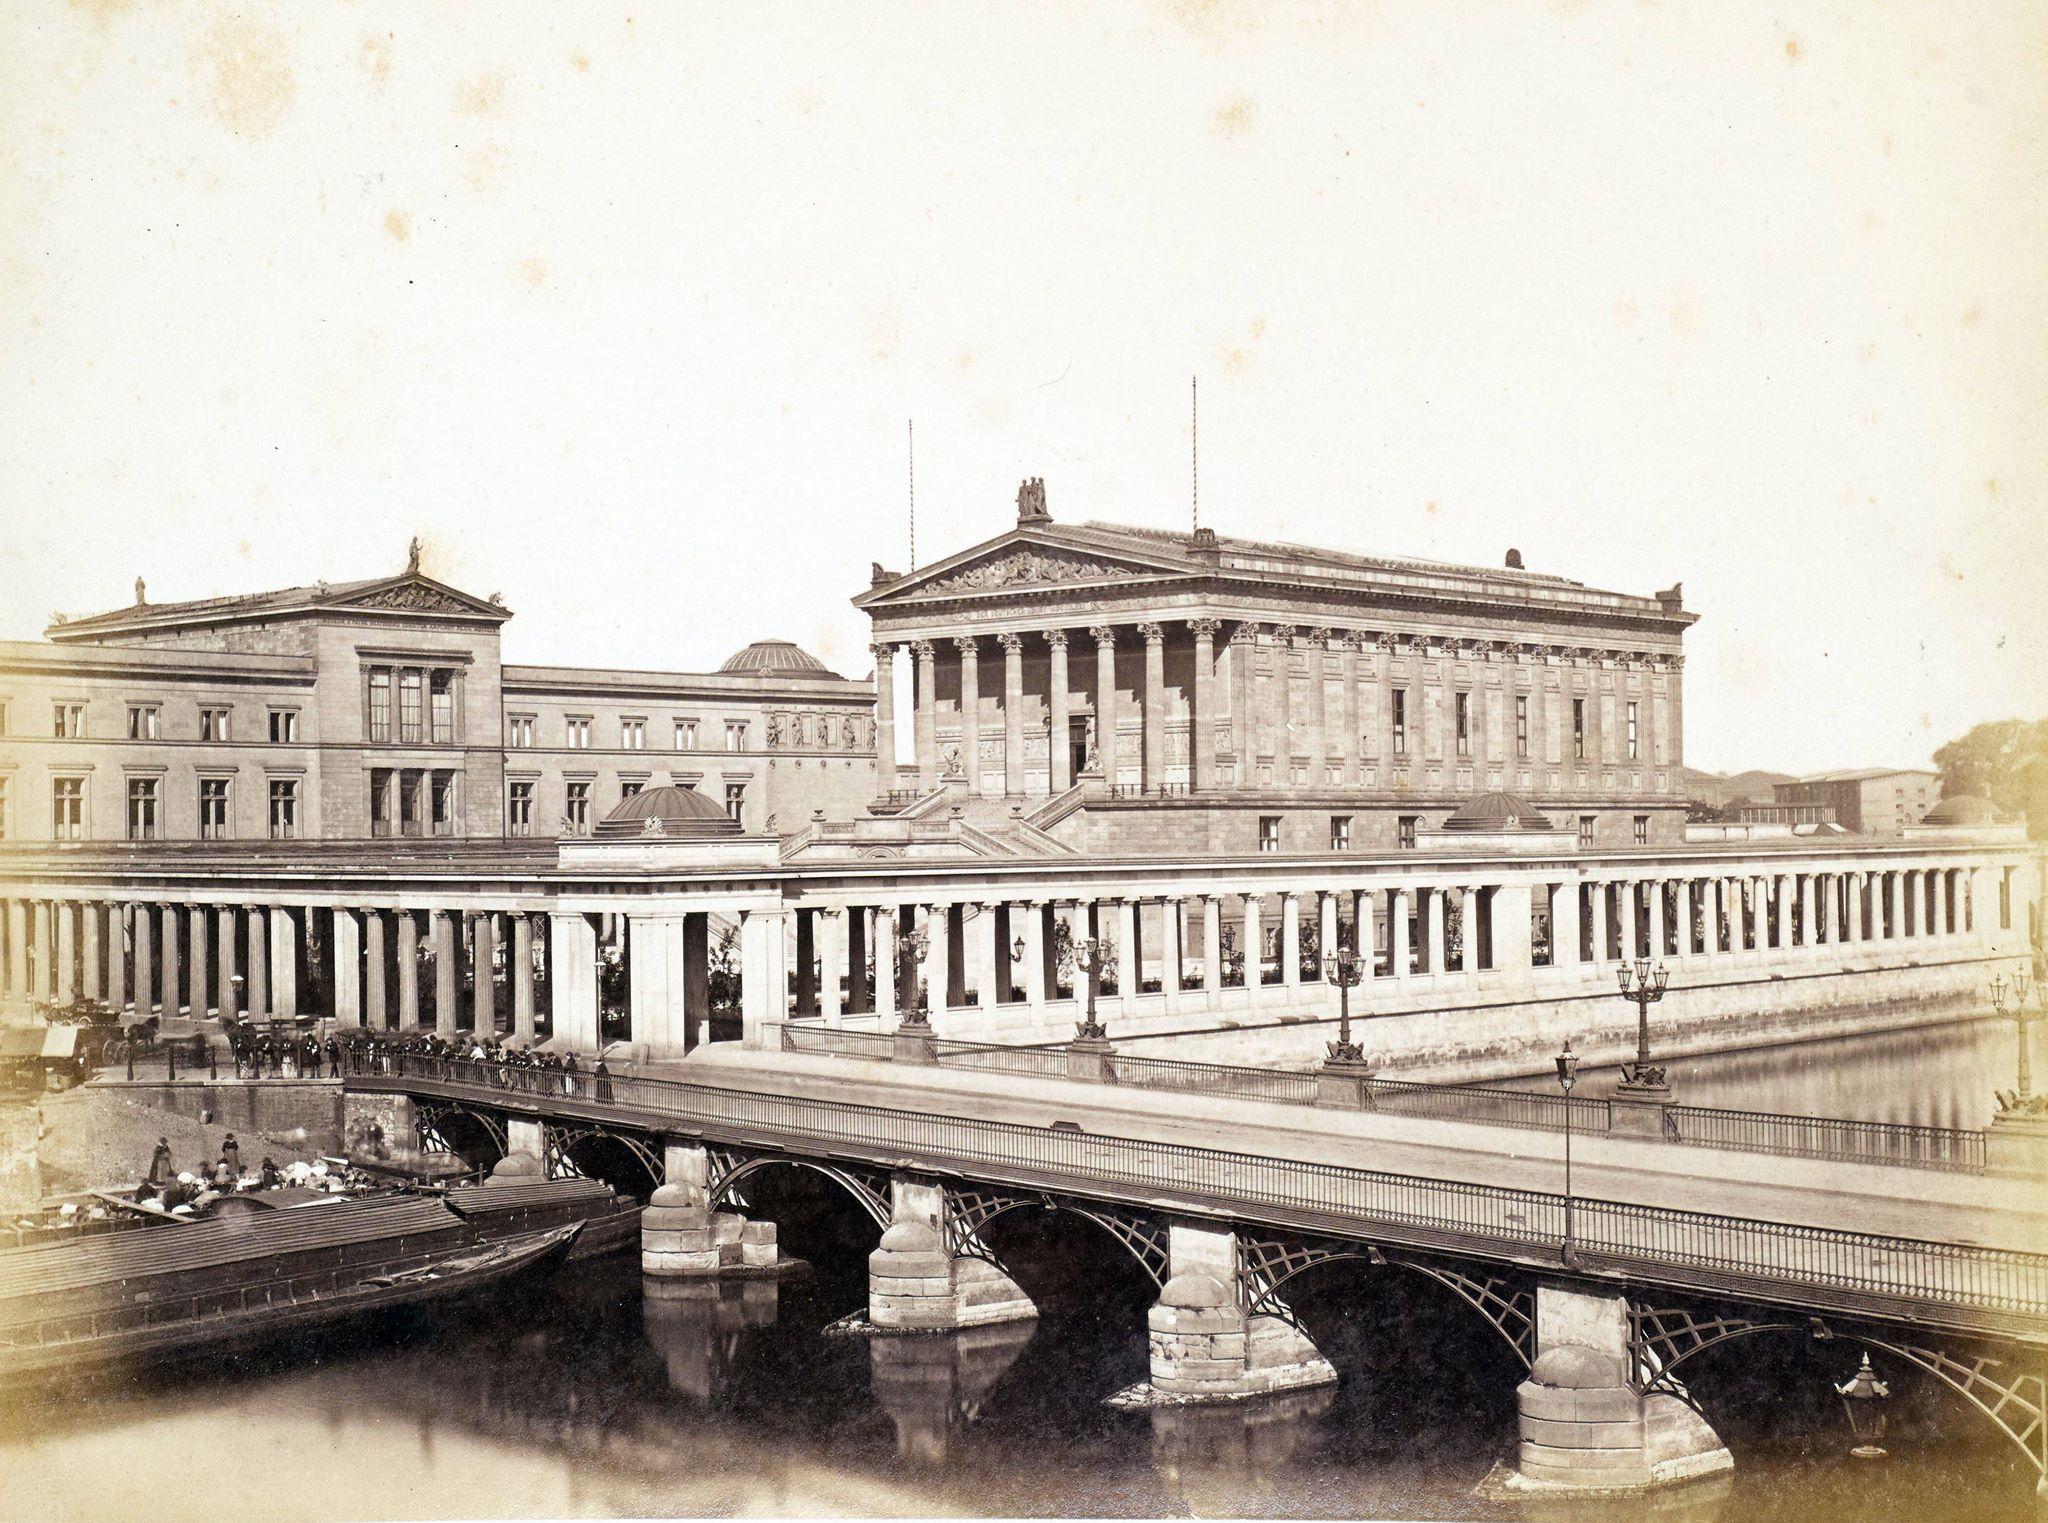 1885 Berlin Neues Museum Und Nationalgalerie Von Der Borse Aus F A Schwartz Neues Museum Museum Insel Alte Nationalgalerie